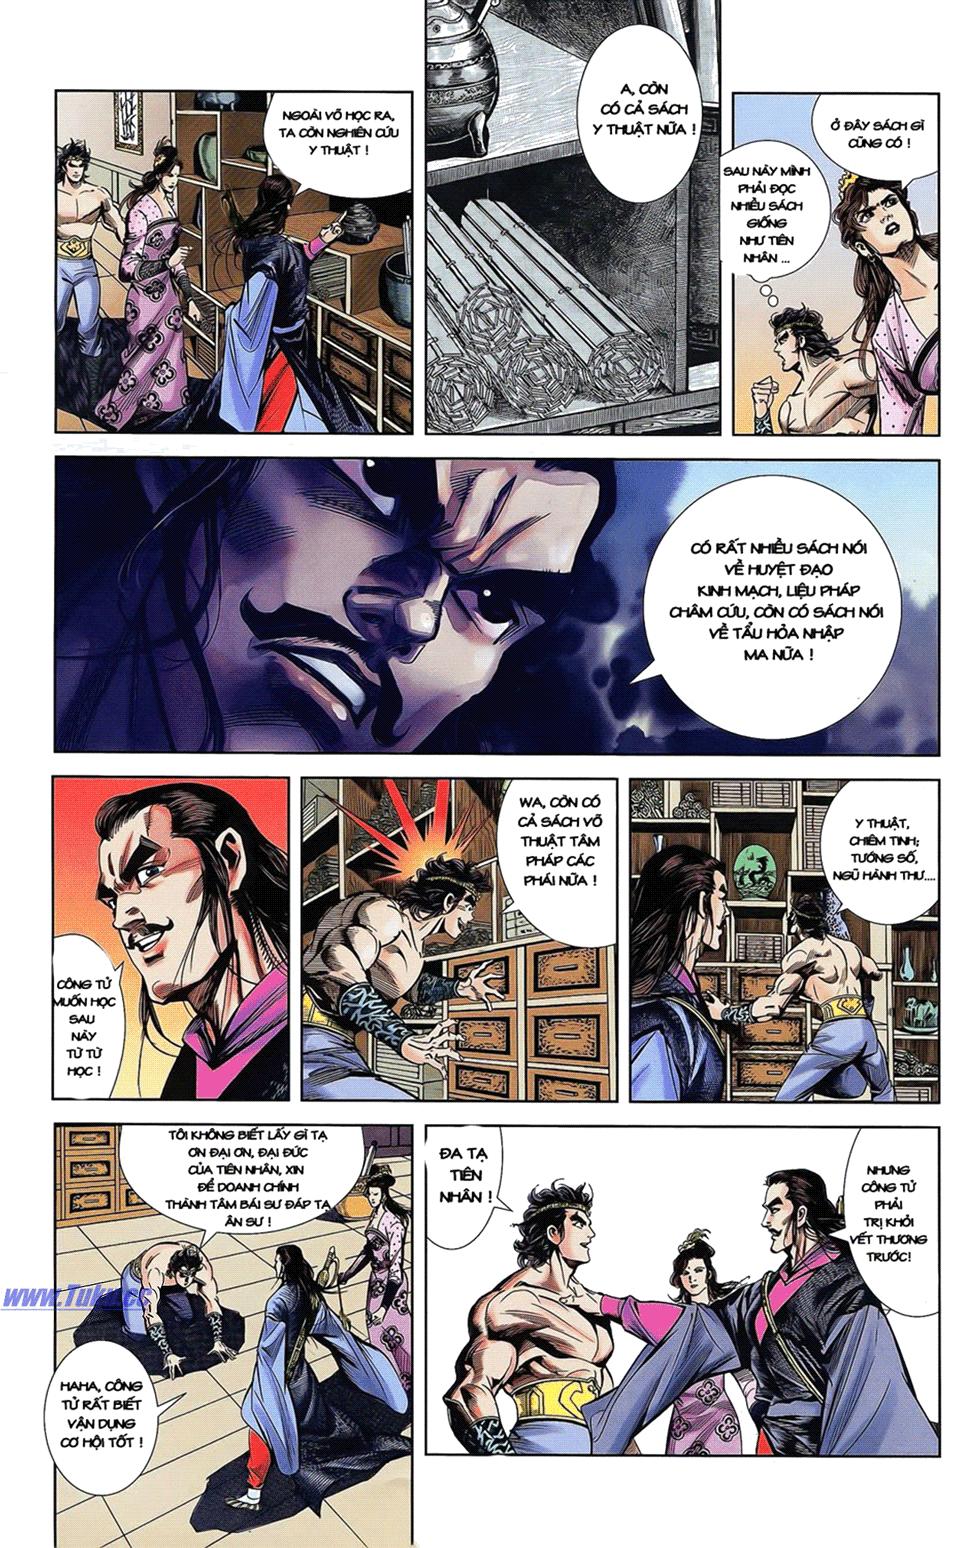 Tần Vương Doanh Chính chapter 14 trang 25